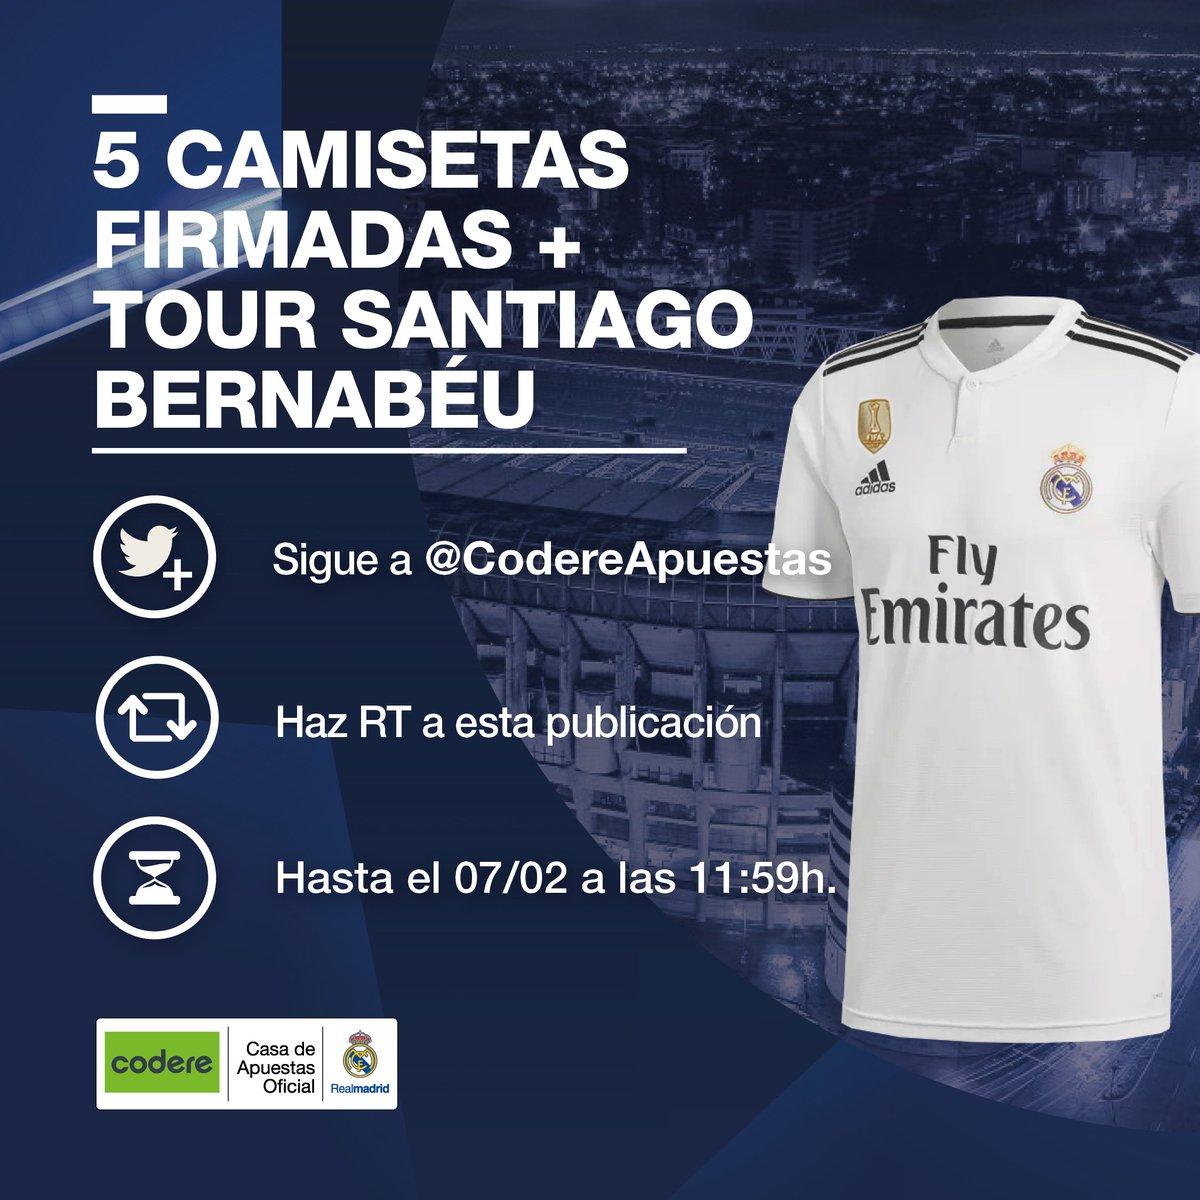 👕✍➕✌🏟 ¿Quieres ganar una CAMISETA firmada por los jugadores y una entrada doble para el TOUR del Santiago Bernabéu? ¡Tú puedes ser uno de los 5 afortunados! Sigue las instrucciones de la imagen...  @CodereApuestas | #HalaMadrid 👇